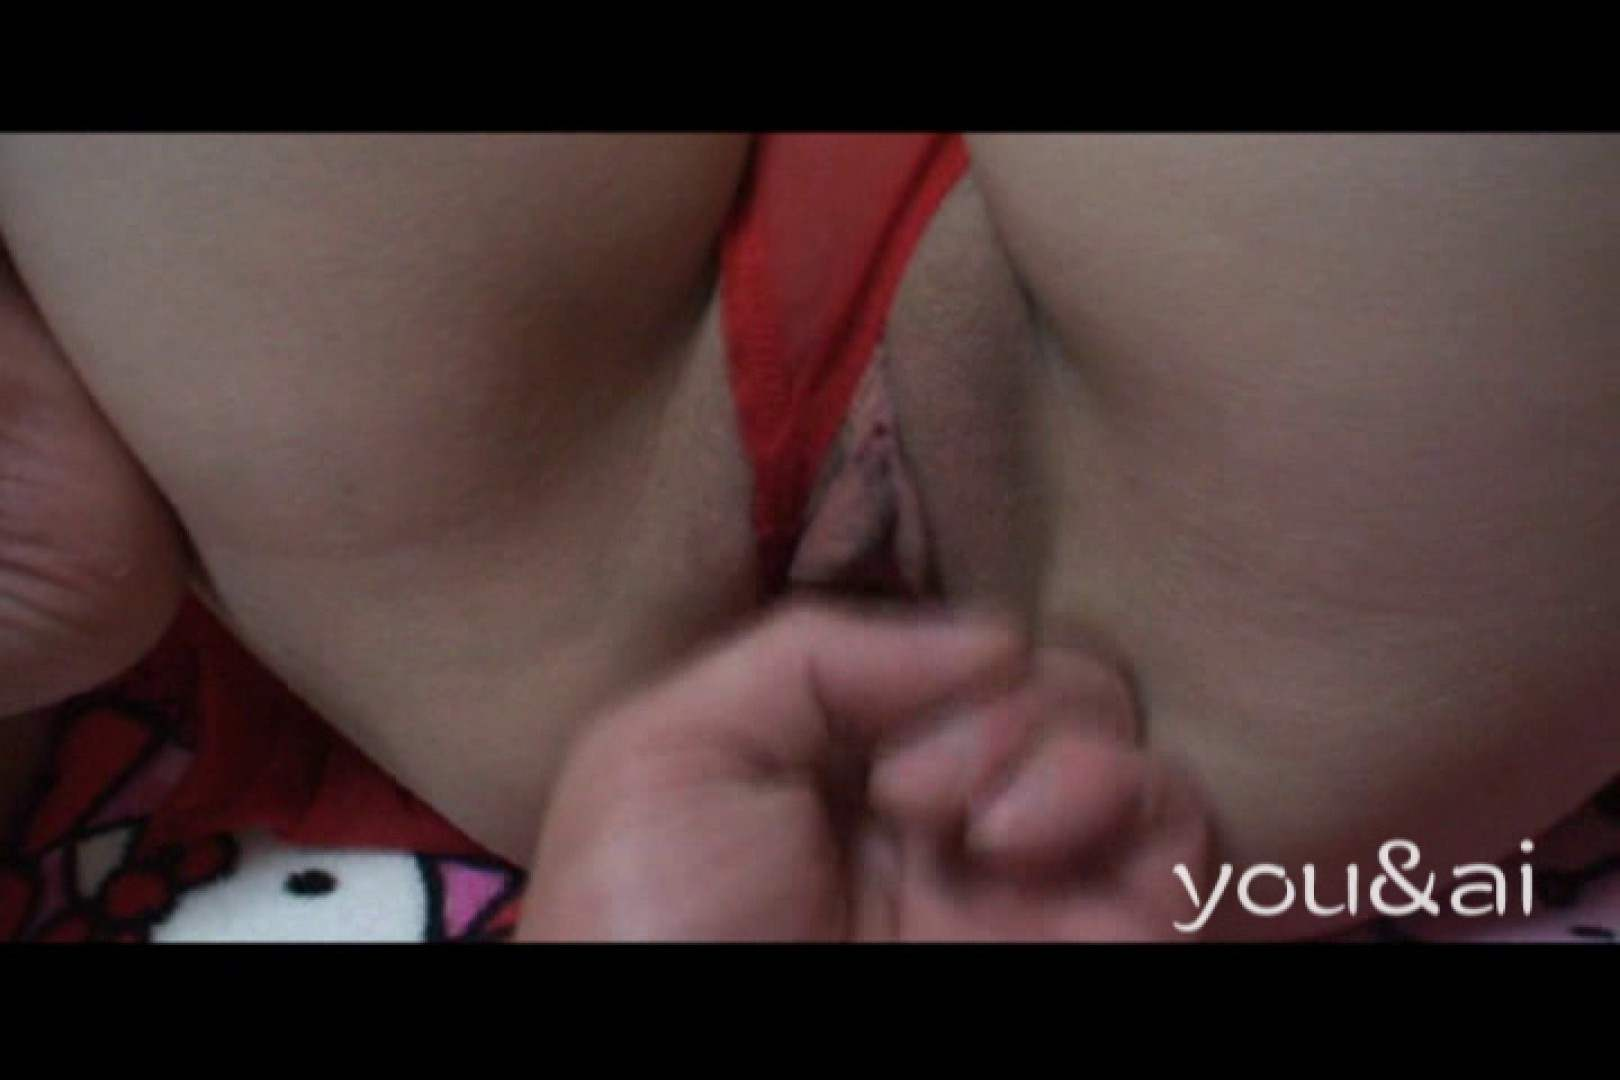 おしどり夫婦のyou&aiさん投稿作品vol.16 投稿 | 潮吹き  64pic 53